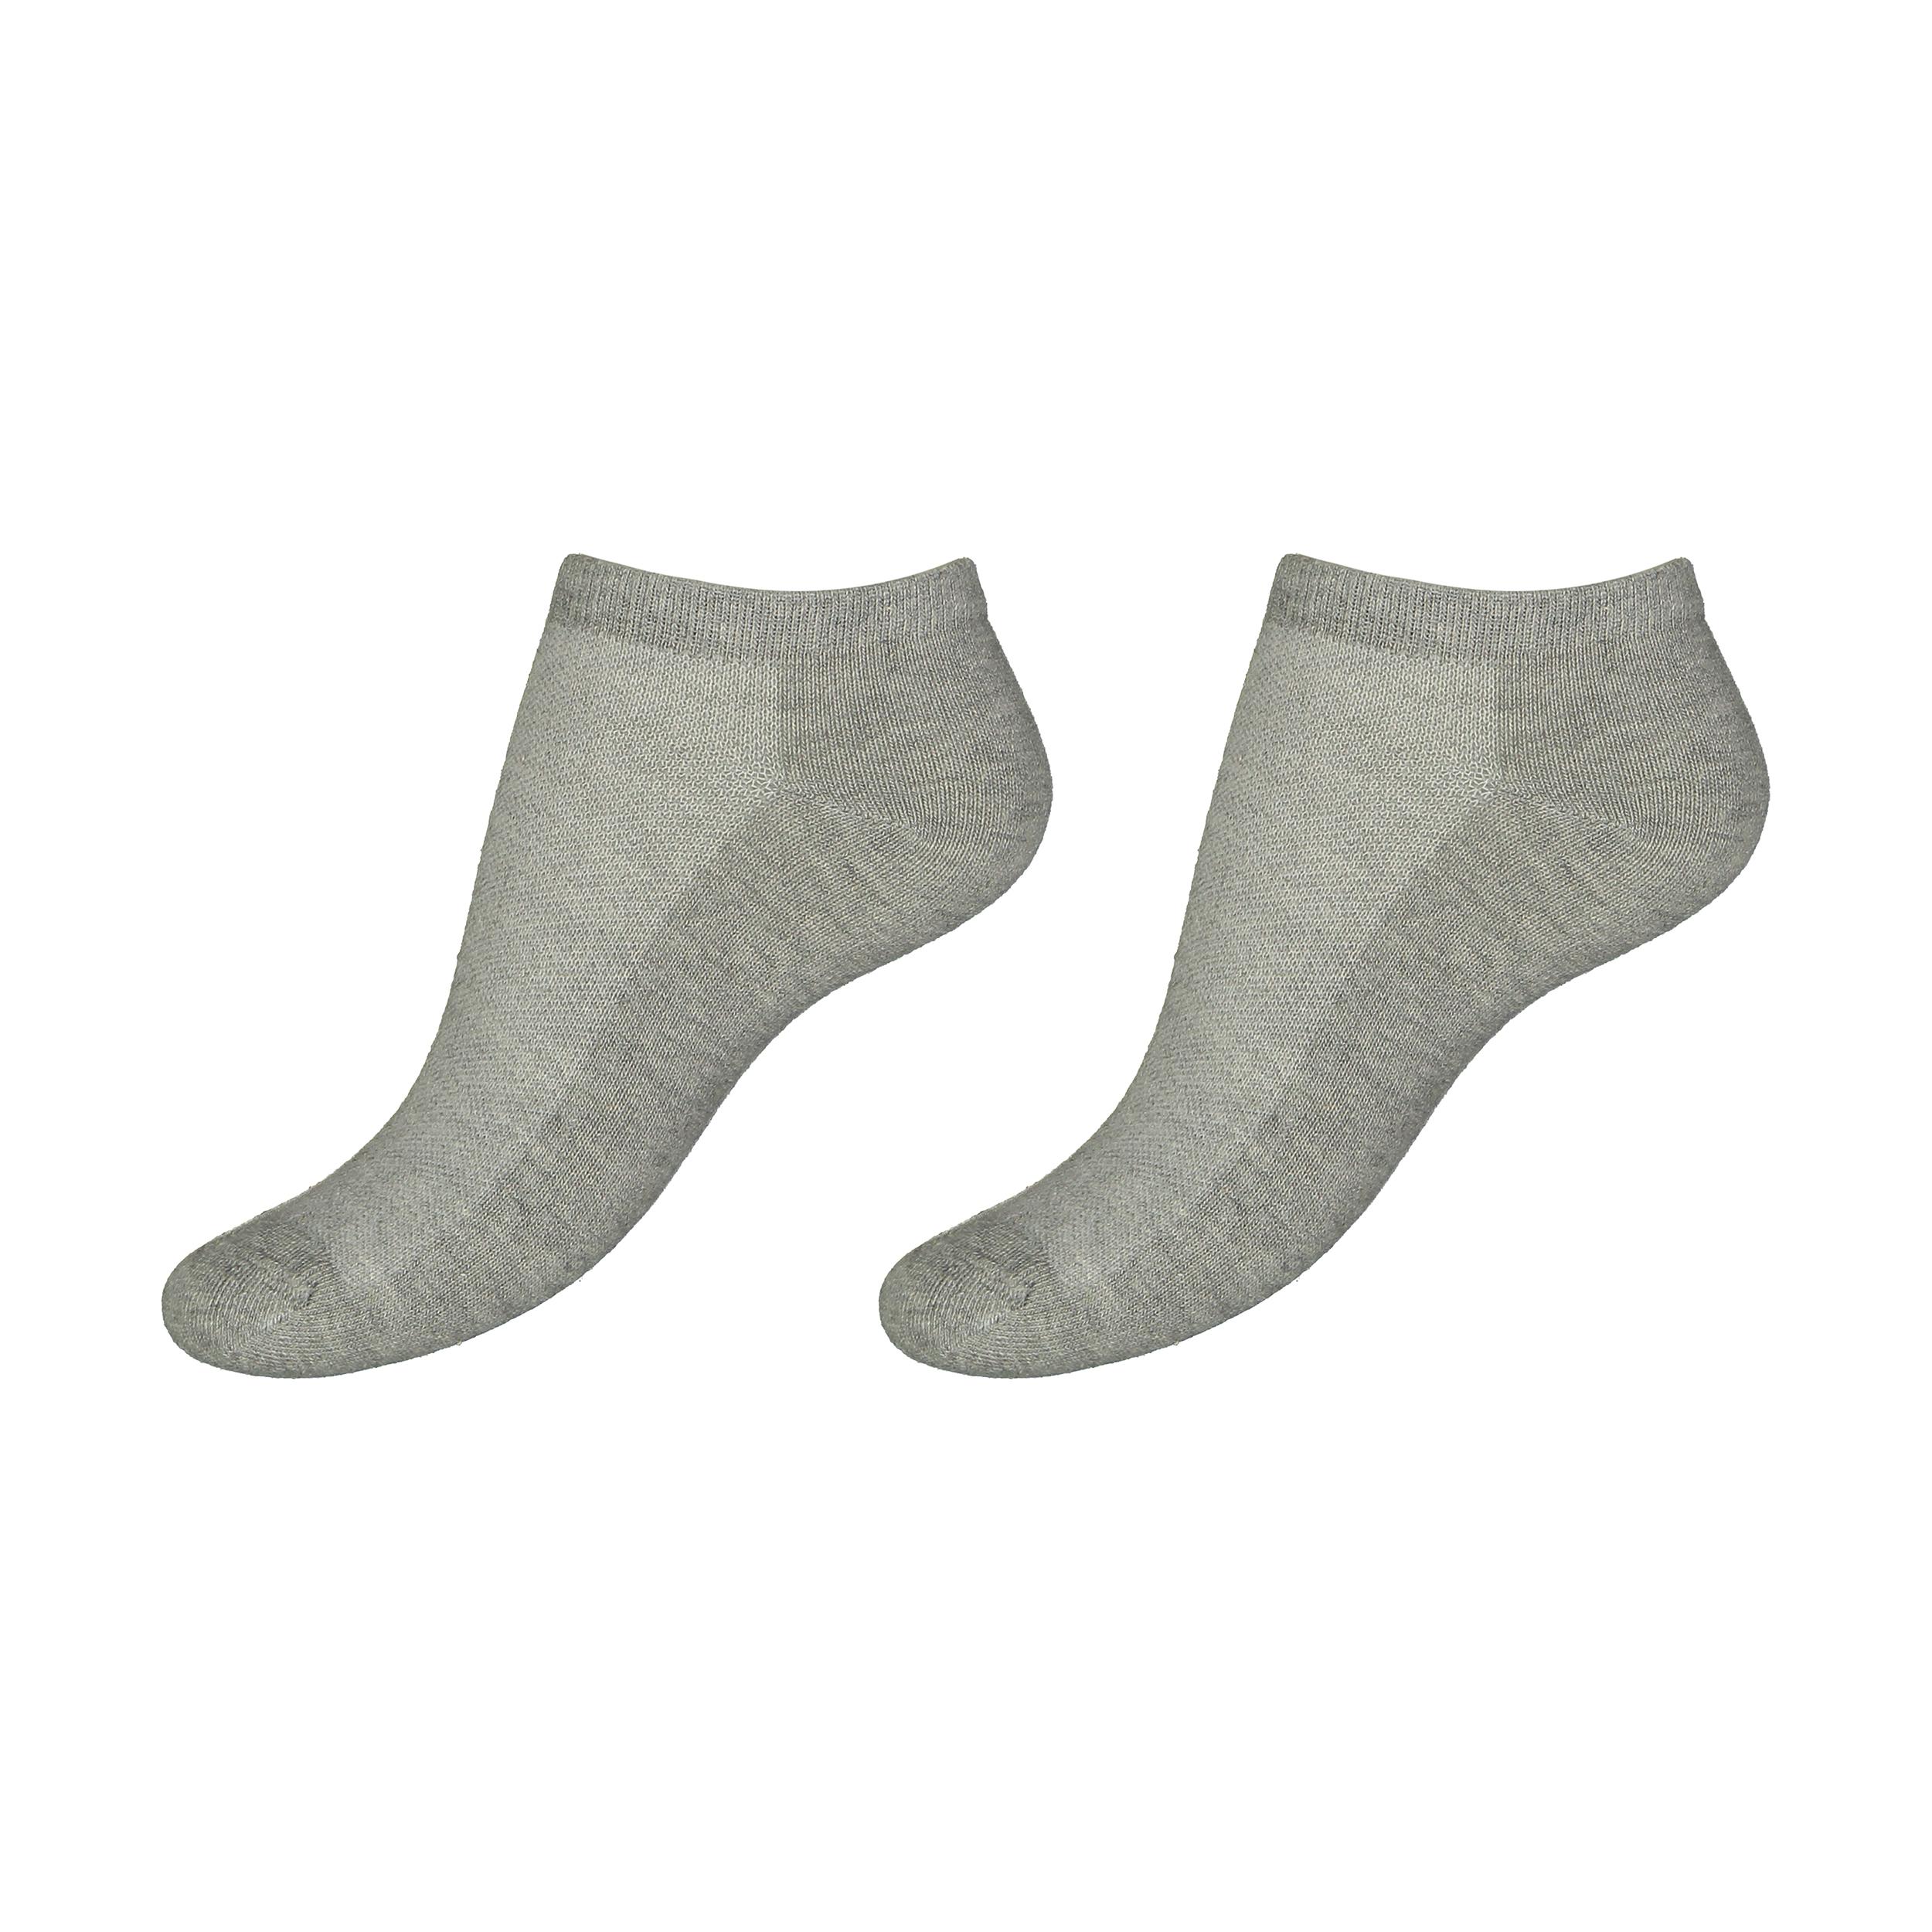 جوراب ورزشی زنانه یونی پرو مدل 831260102-70 مجموعه 2 عددی